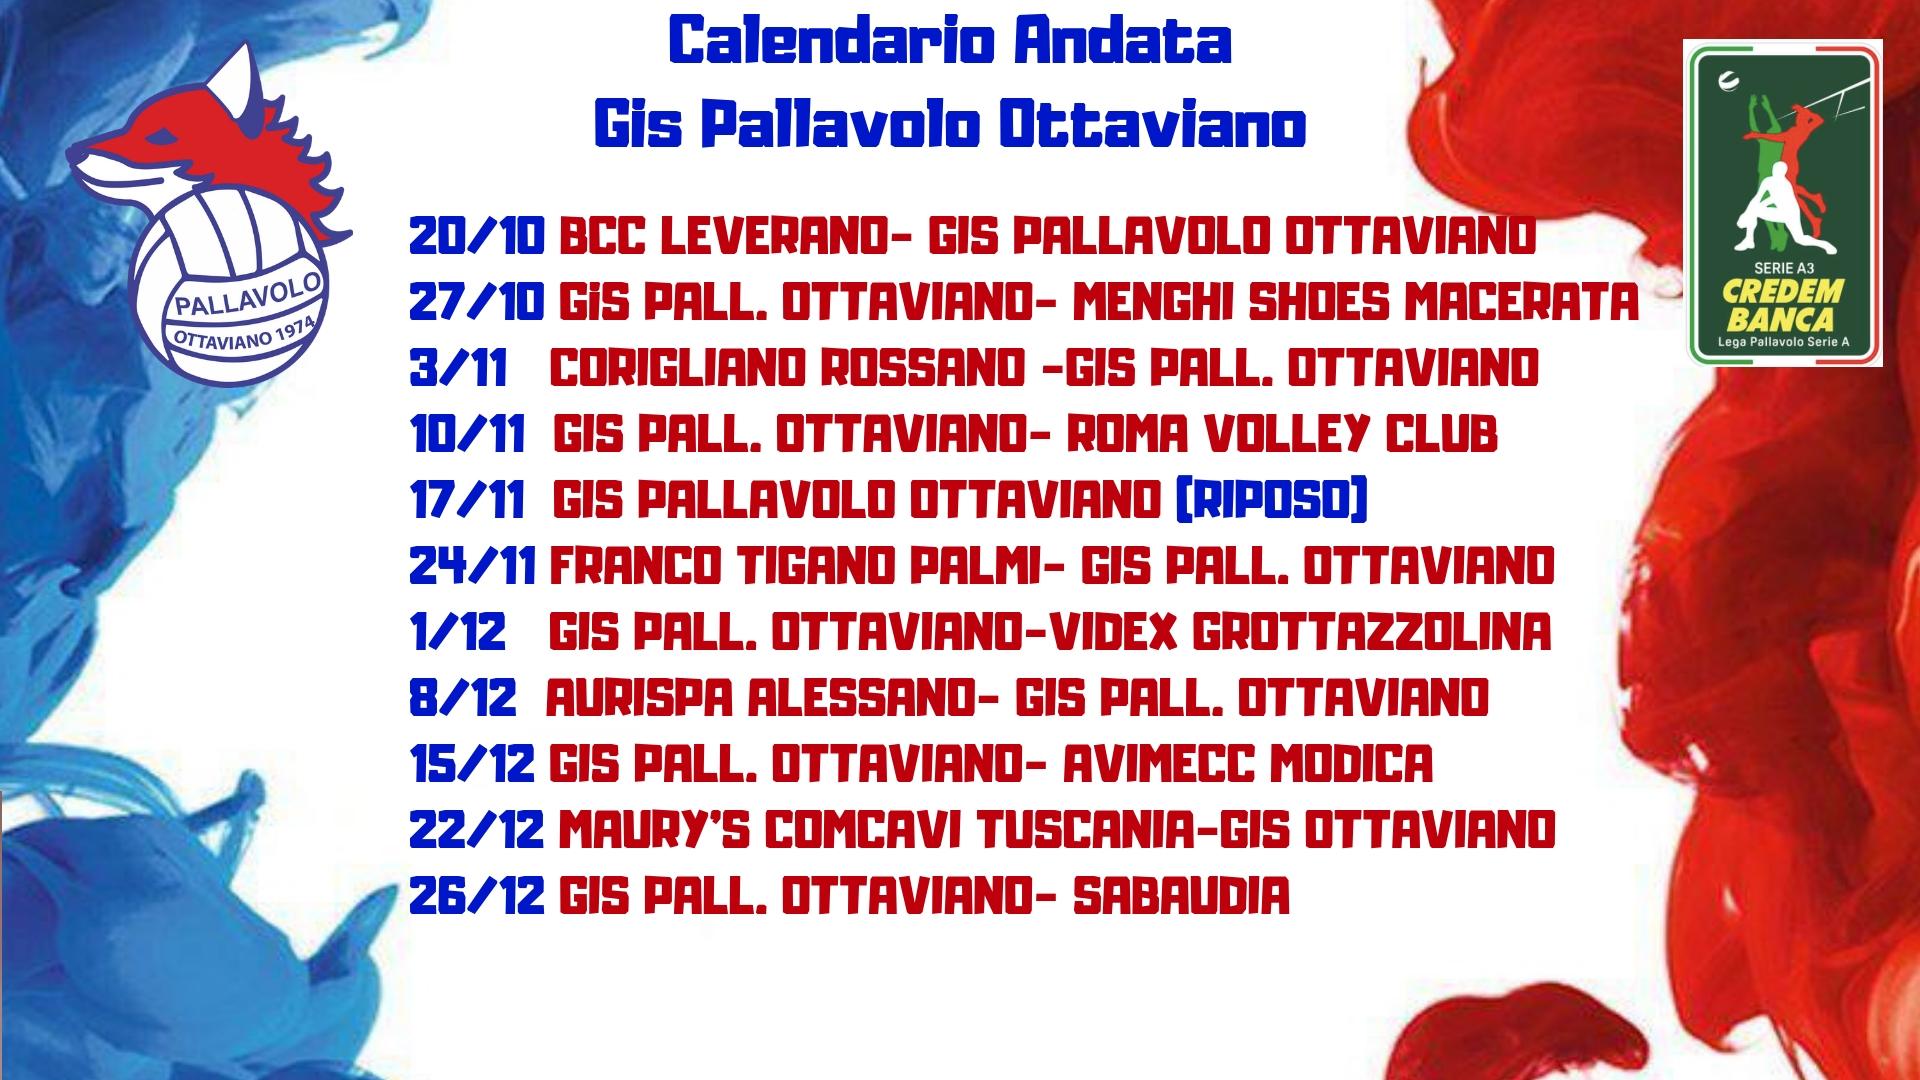 Tutto Il Calendario Serie A.Serie A3 Credem Banca Tutto Il Calendario Della Gis